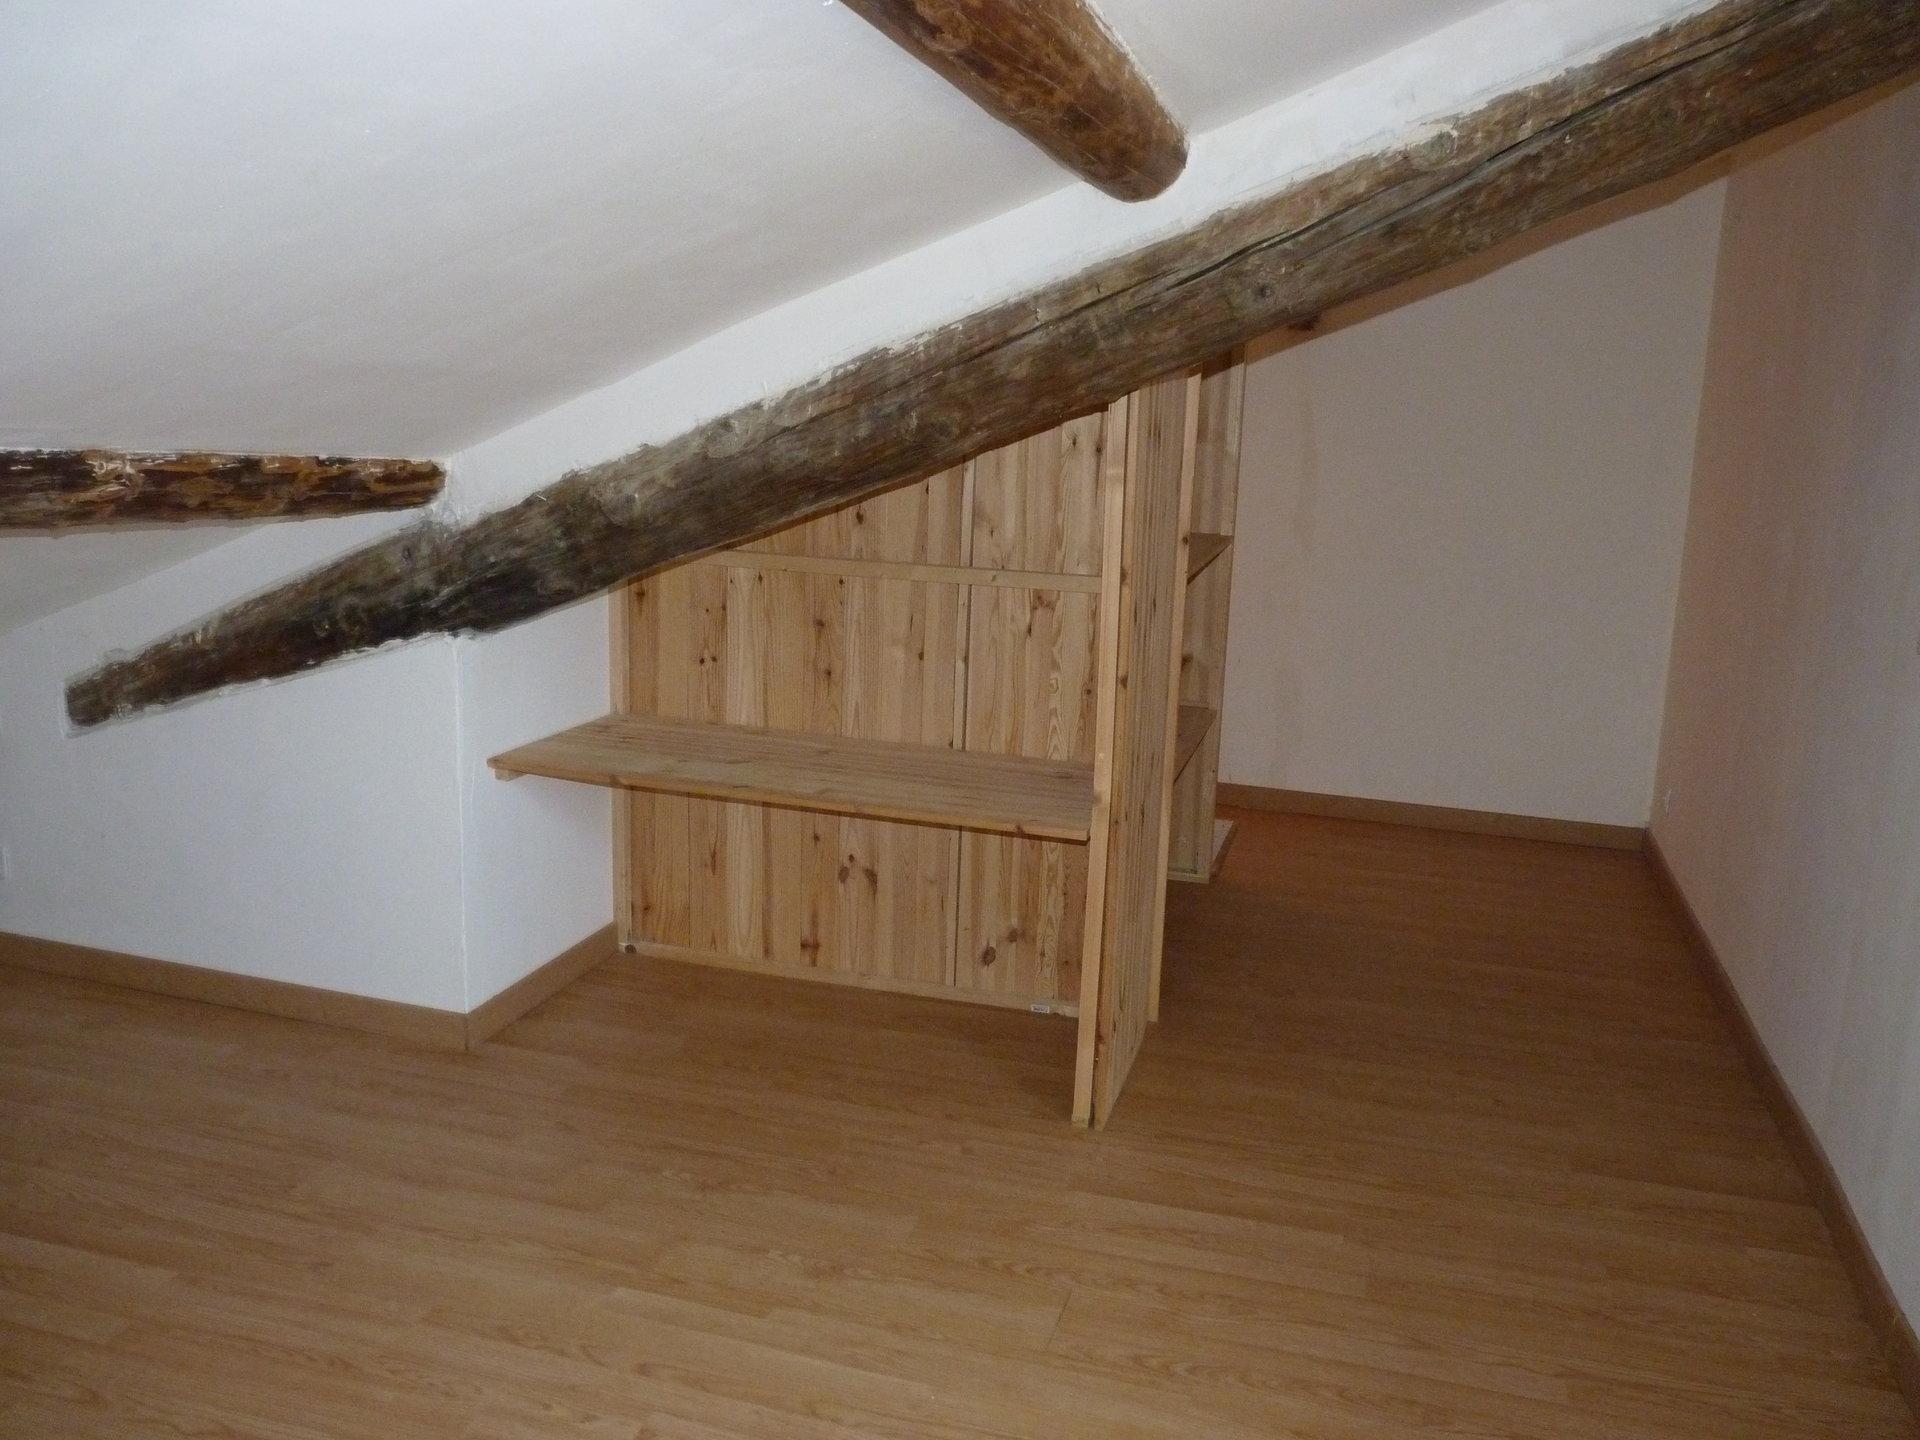 Mallemort - Maison de Village avec 2 chambres et 1 bureau